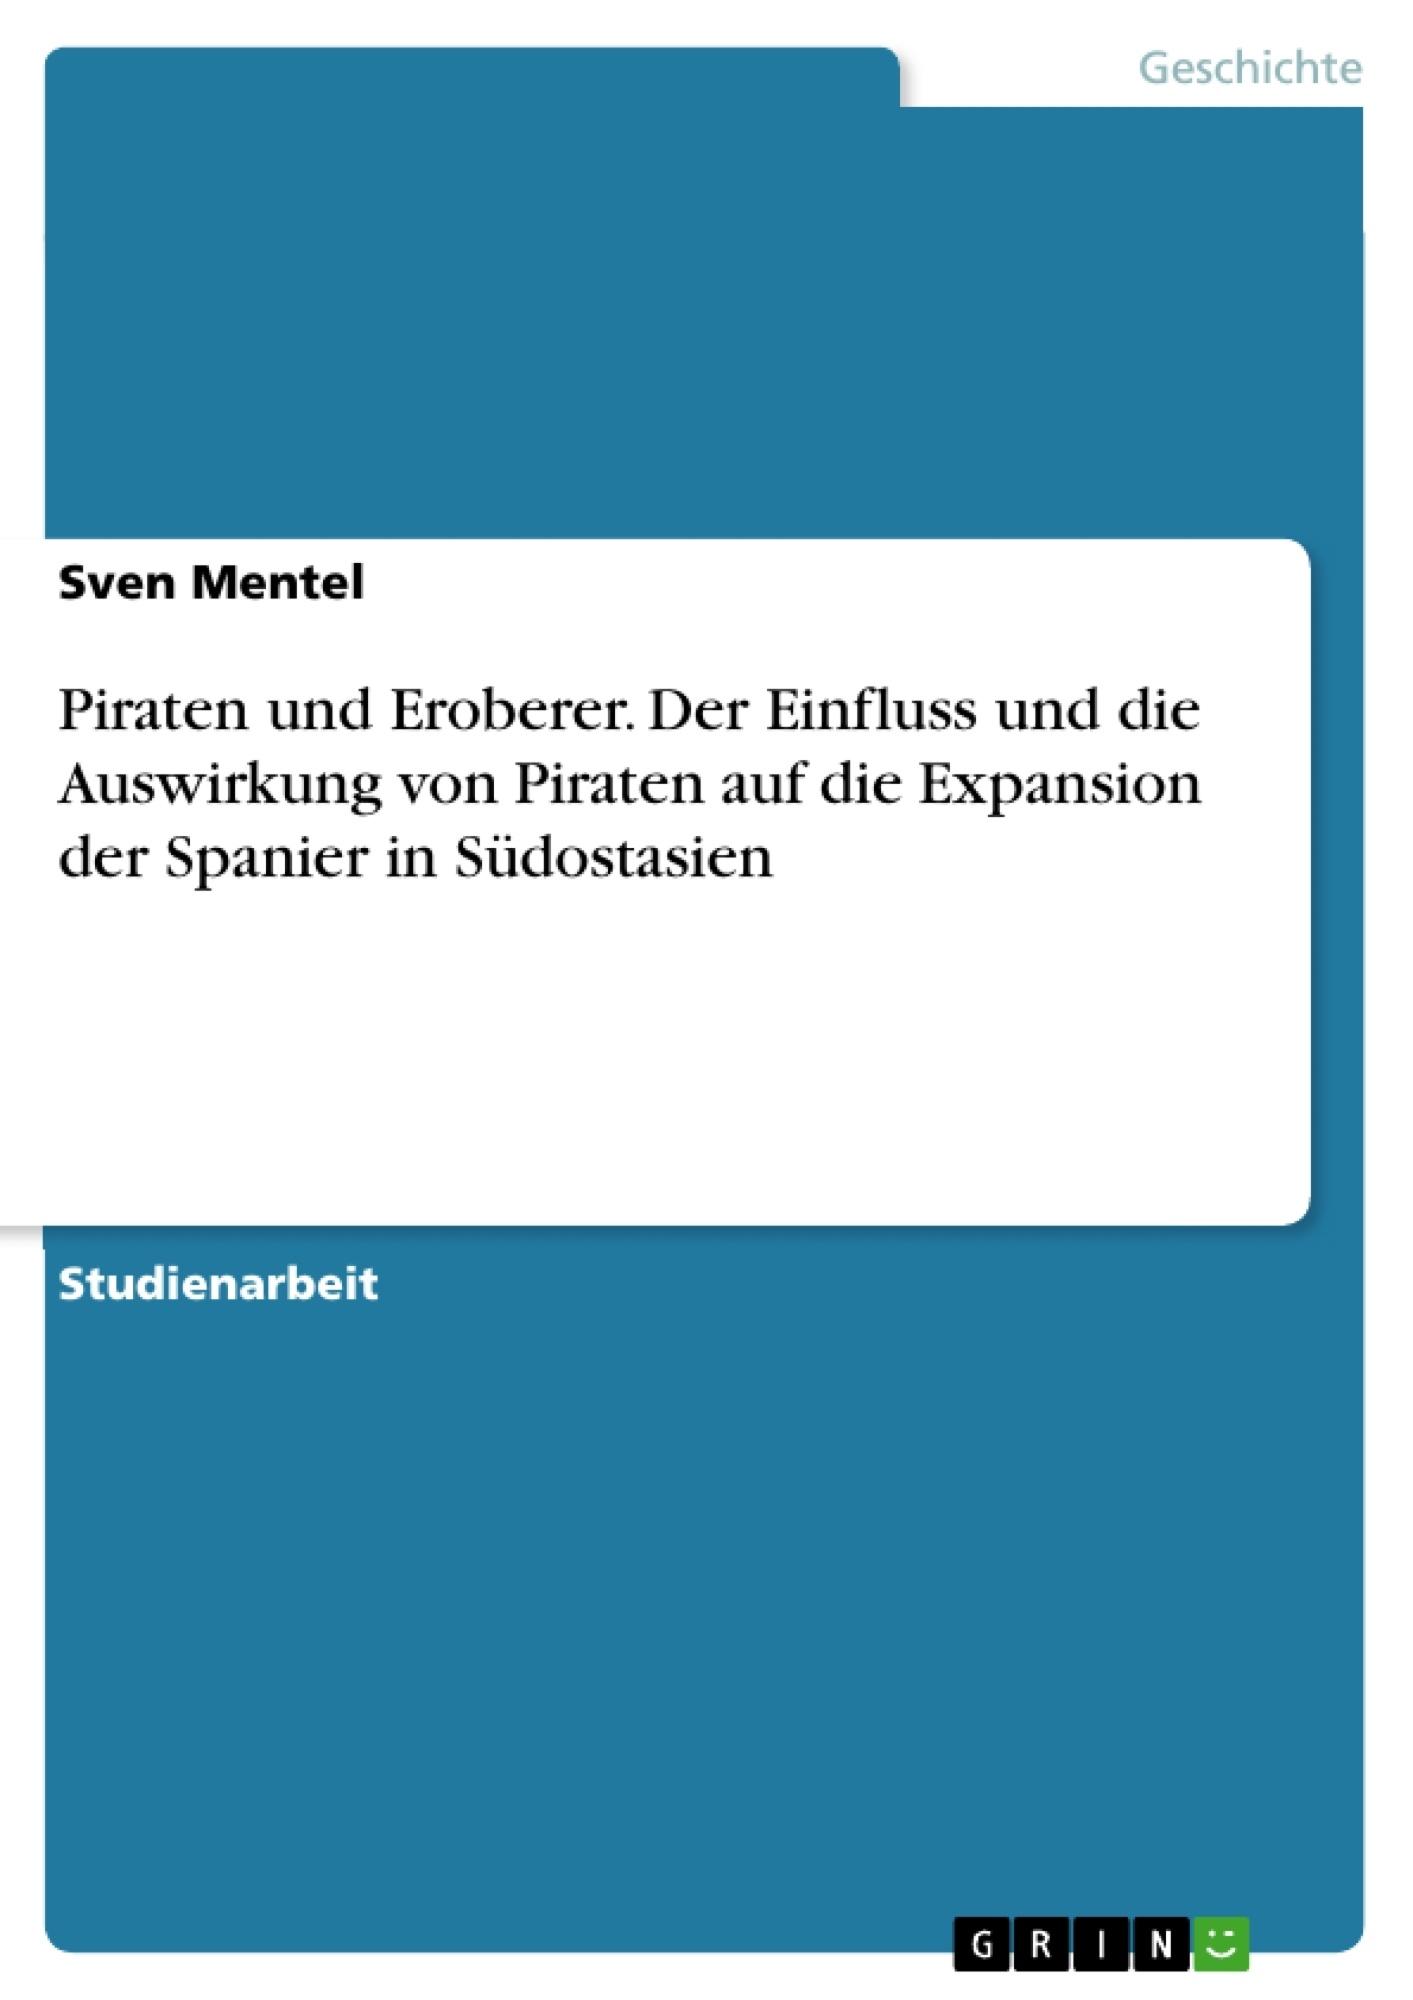 Titel: Piraten und Eroberer. Der Einfluss und die Auswirkung von Piraten auf die Expansion der Spanier in Süd-Ost Asien